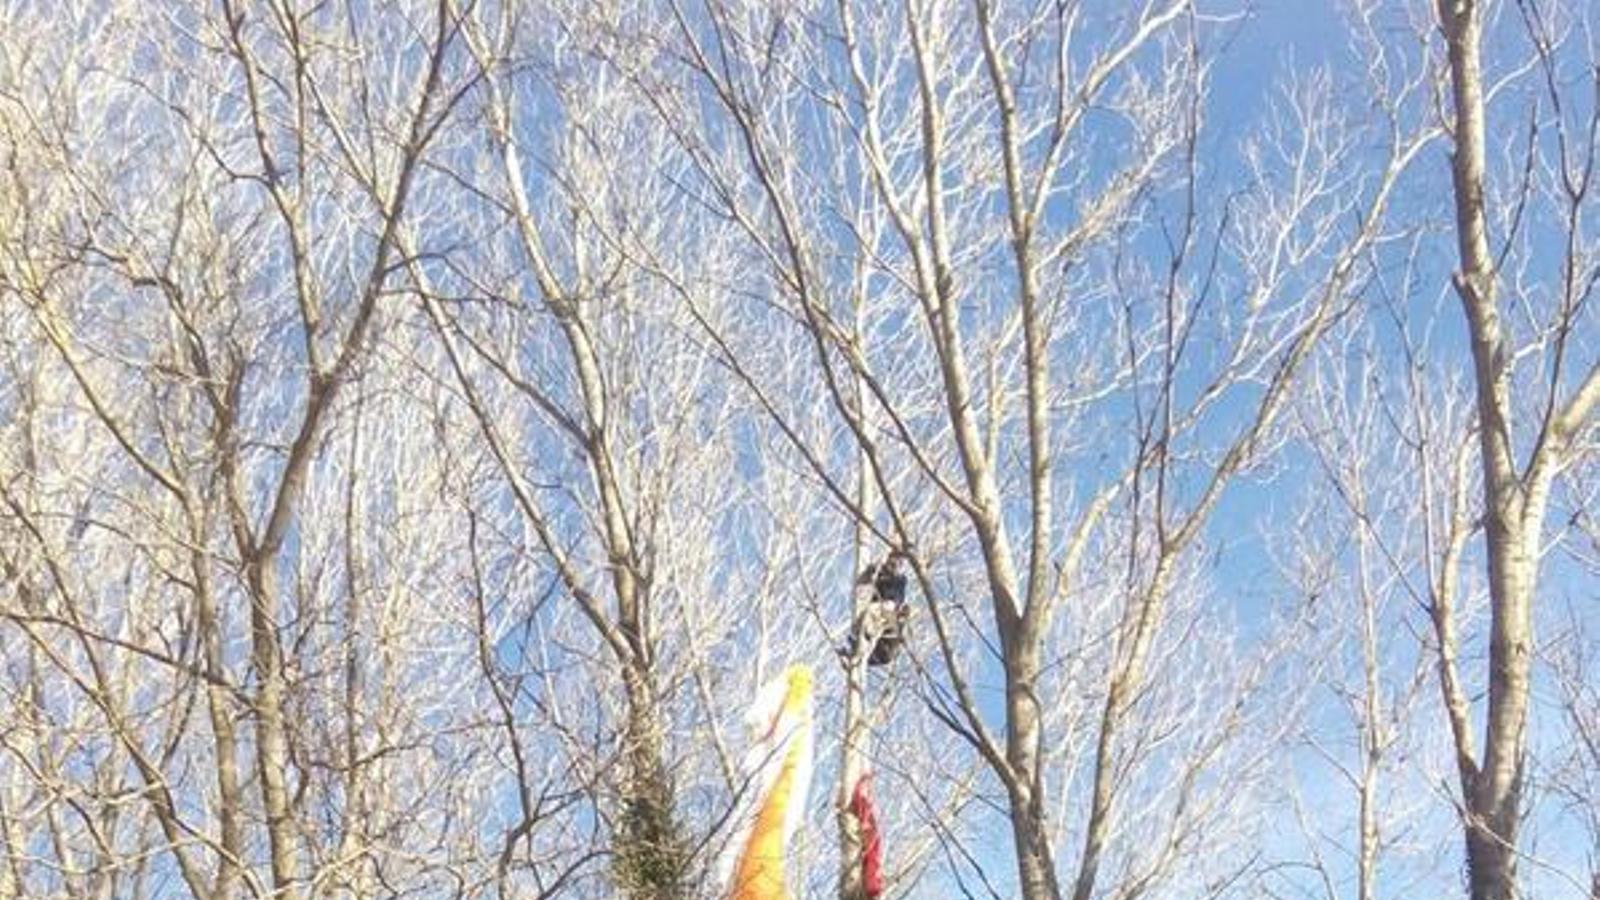 rescaten un paracaigudista que ha quedat penjat d 39 un arbre a 15 metres d 39 altura. Black Bedroom Furniture Sets. Home Design Ideas